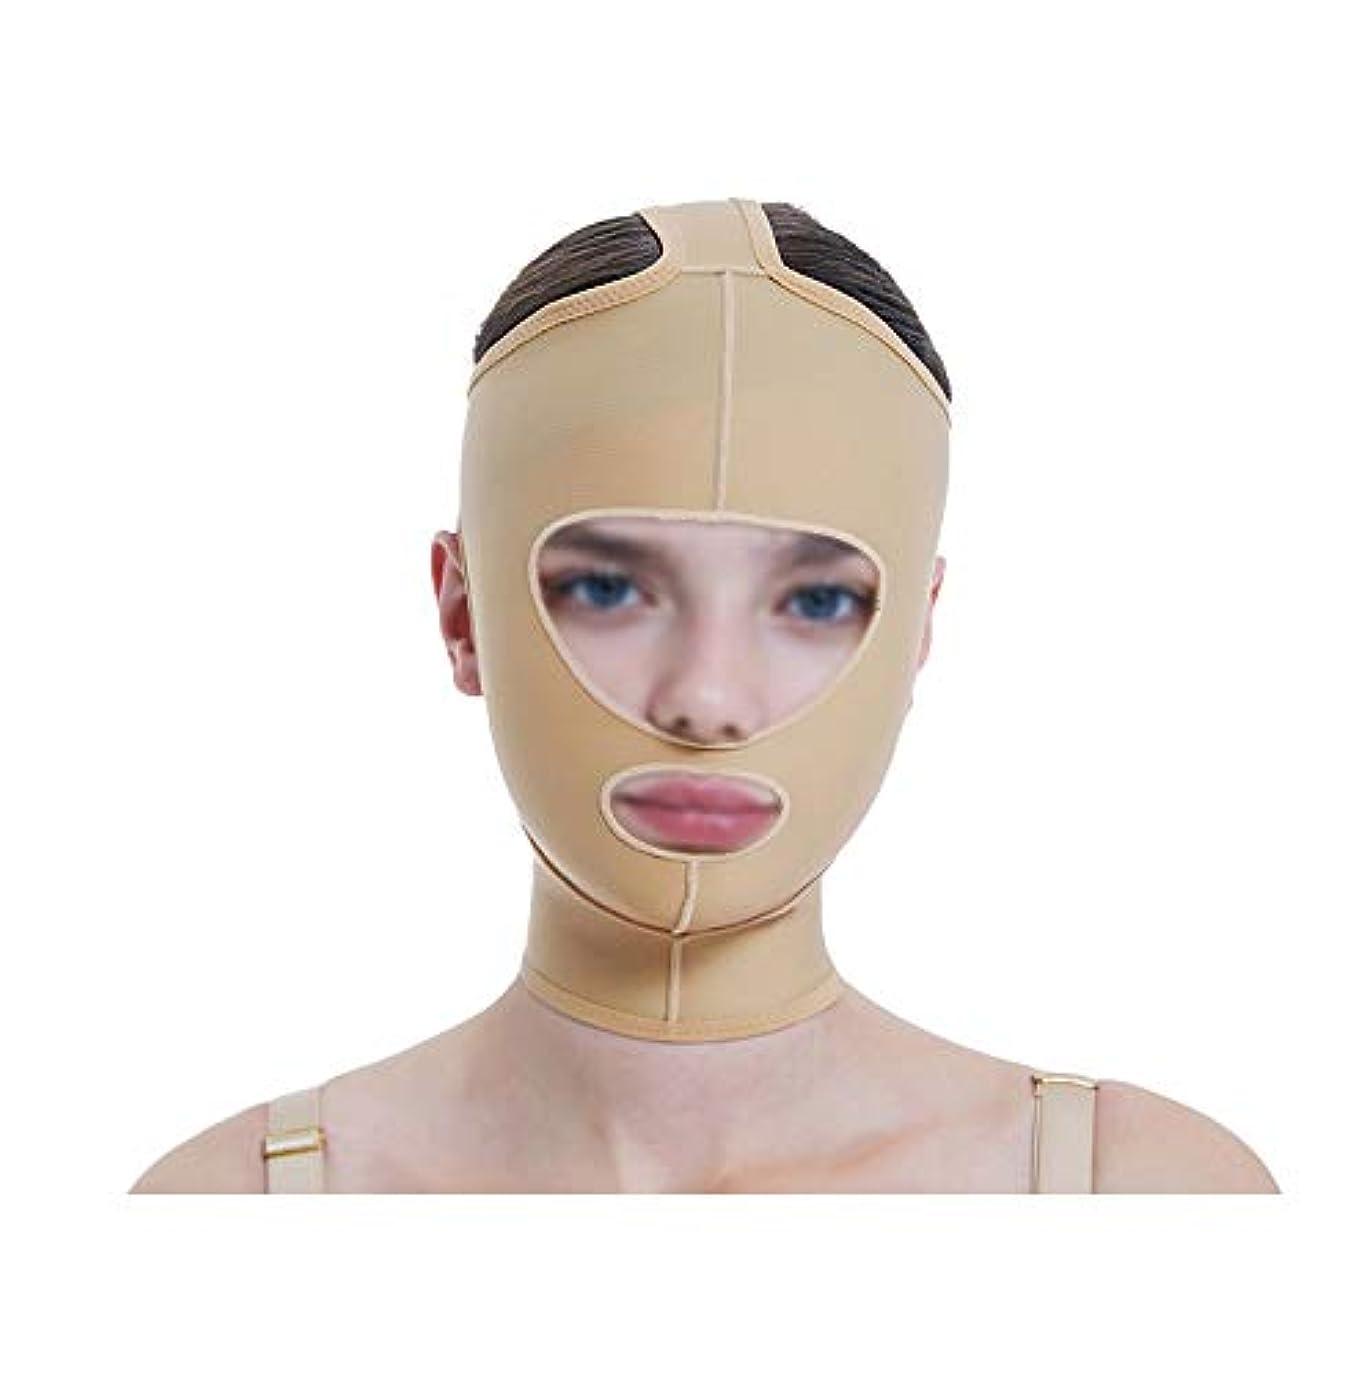 電子レンジ建築歯科医TLMY 顔と首のリフト痩身マスクの顔の彫刻の顔の弾性スーツ薄い二重あごのアーティファクトV顔のビーム表面 顔用整形マスク (Size : S)